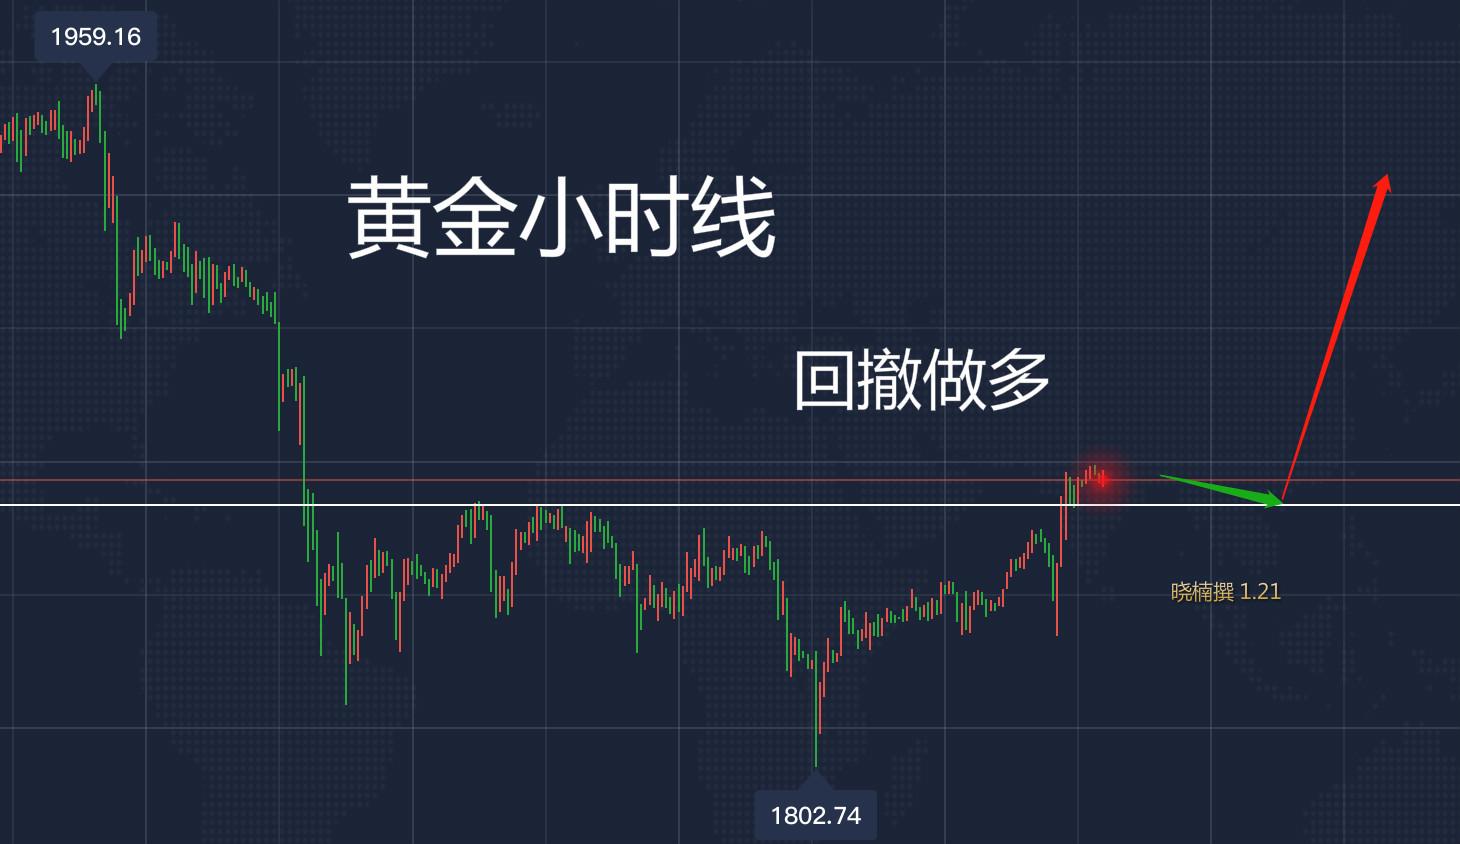 【21财经】1.21黄金是涨还是跌?今日紧跟晓楠操作